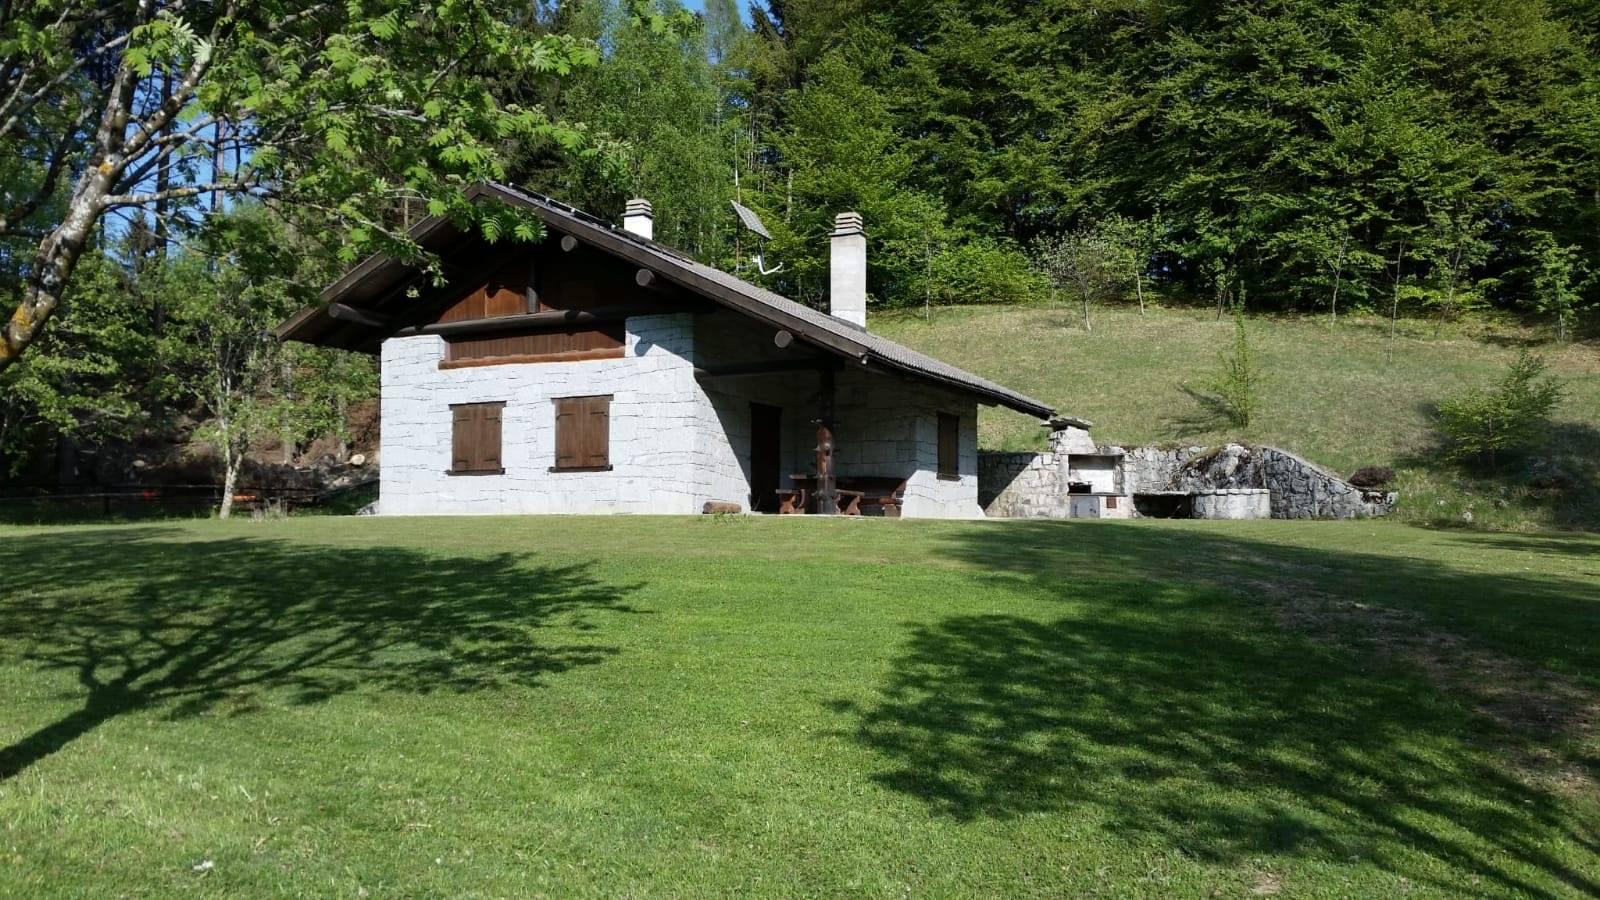 Appartamento in vendita a Tione di Trento, 4 locali, Trattative riservate | CambioCasa.it